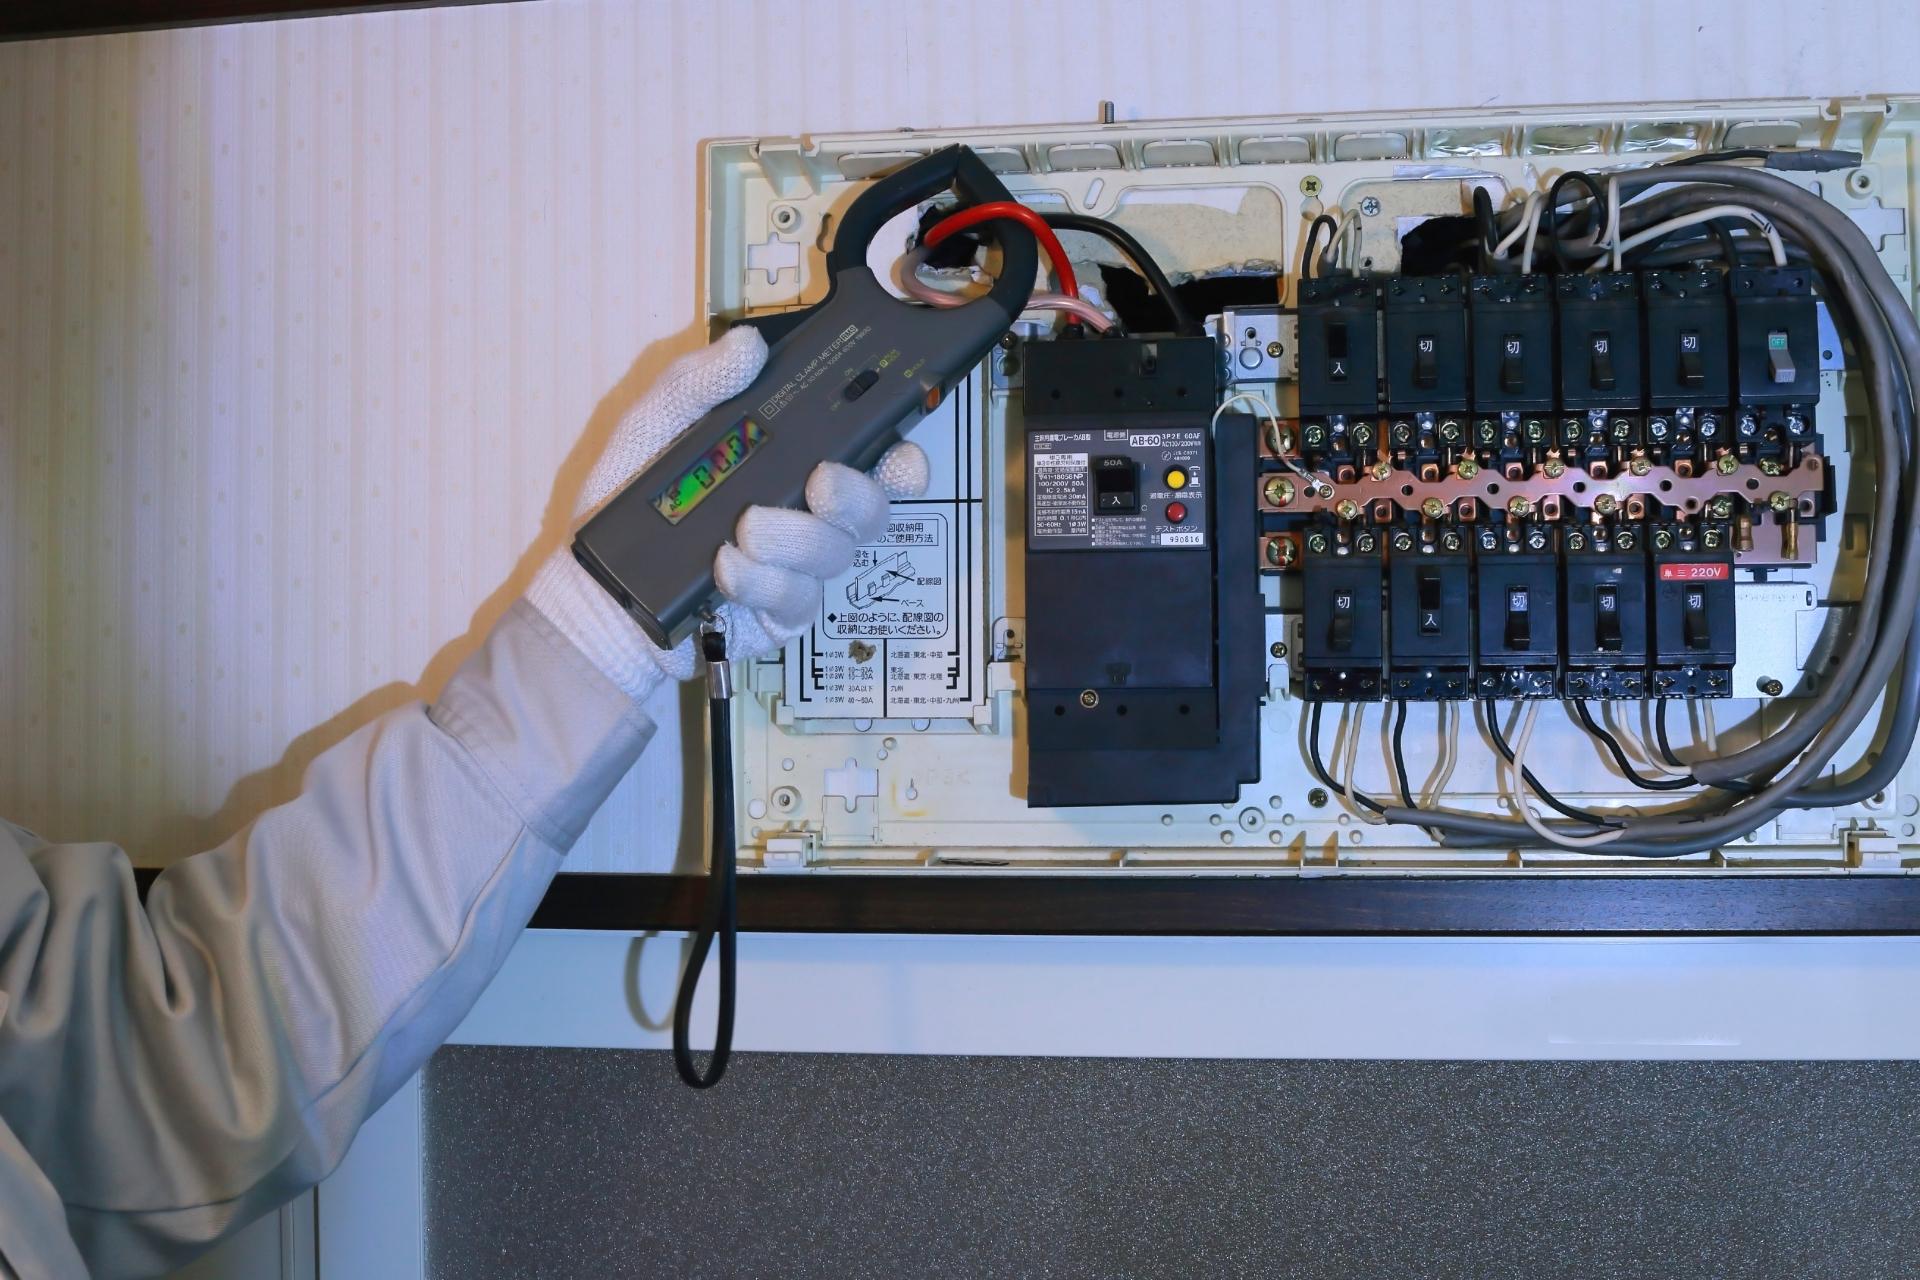 電気工事業を営む方必見!建設業許可と電気工事業登録の違い